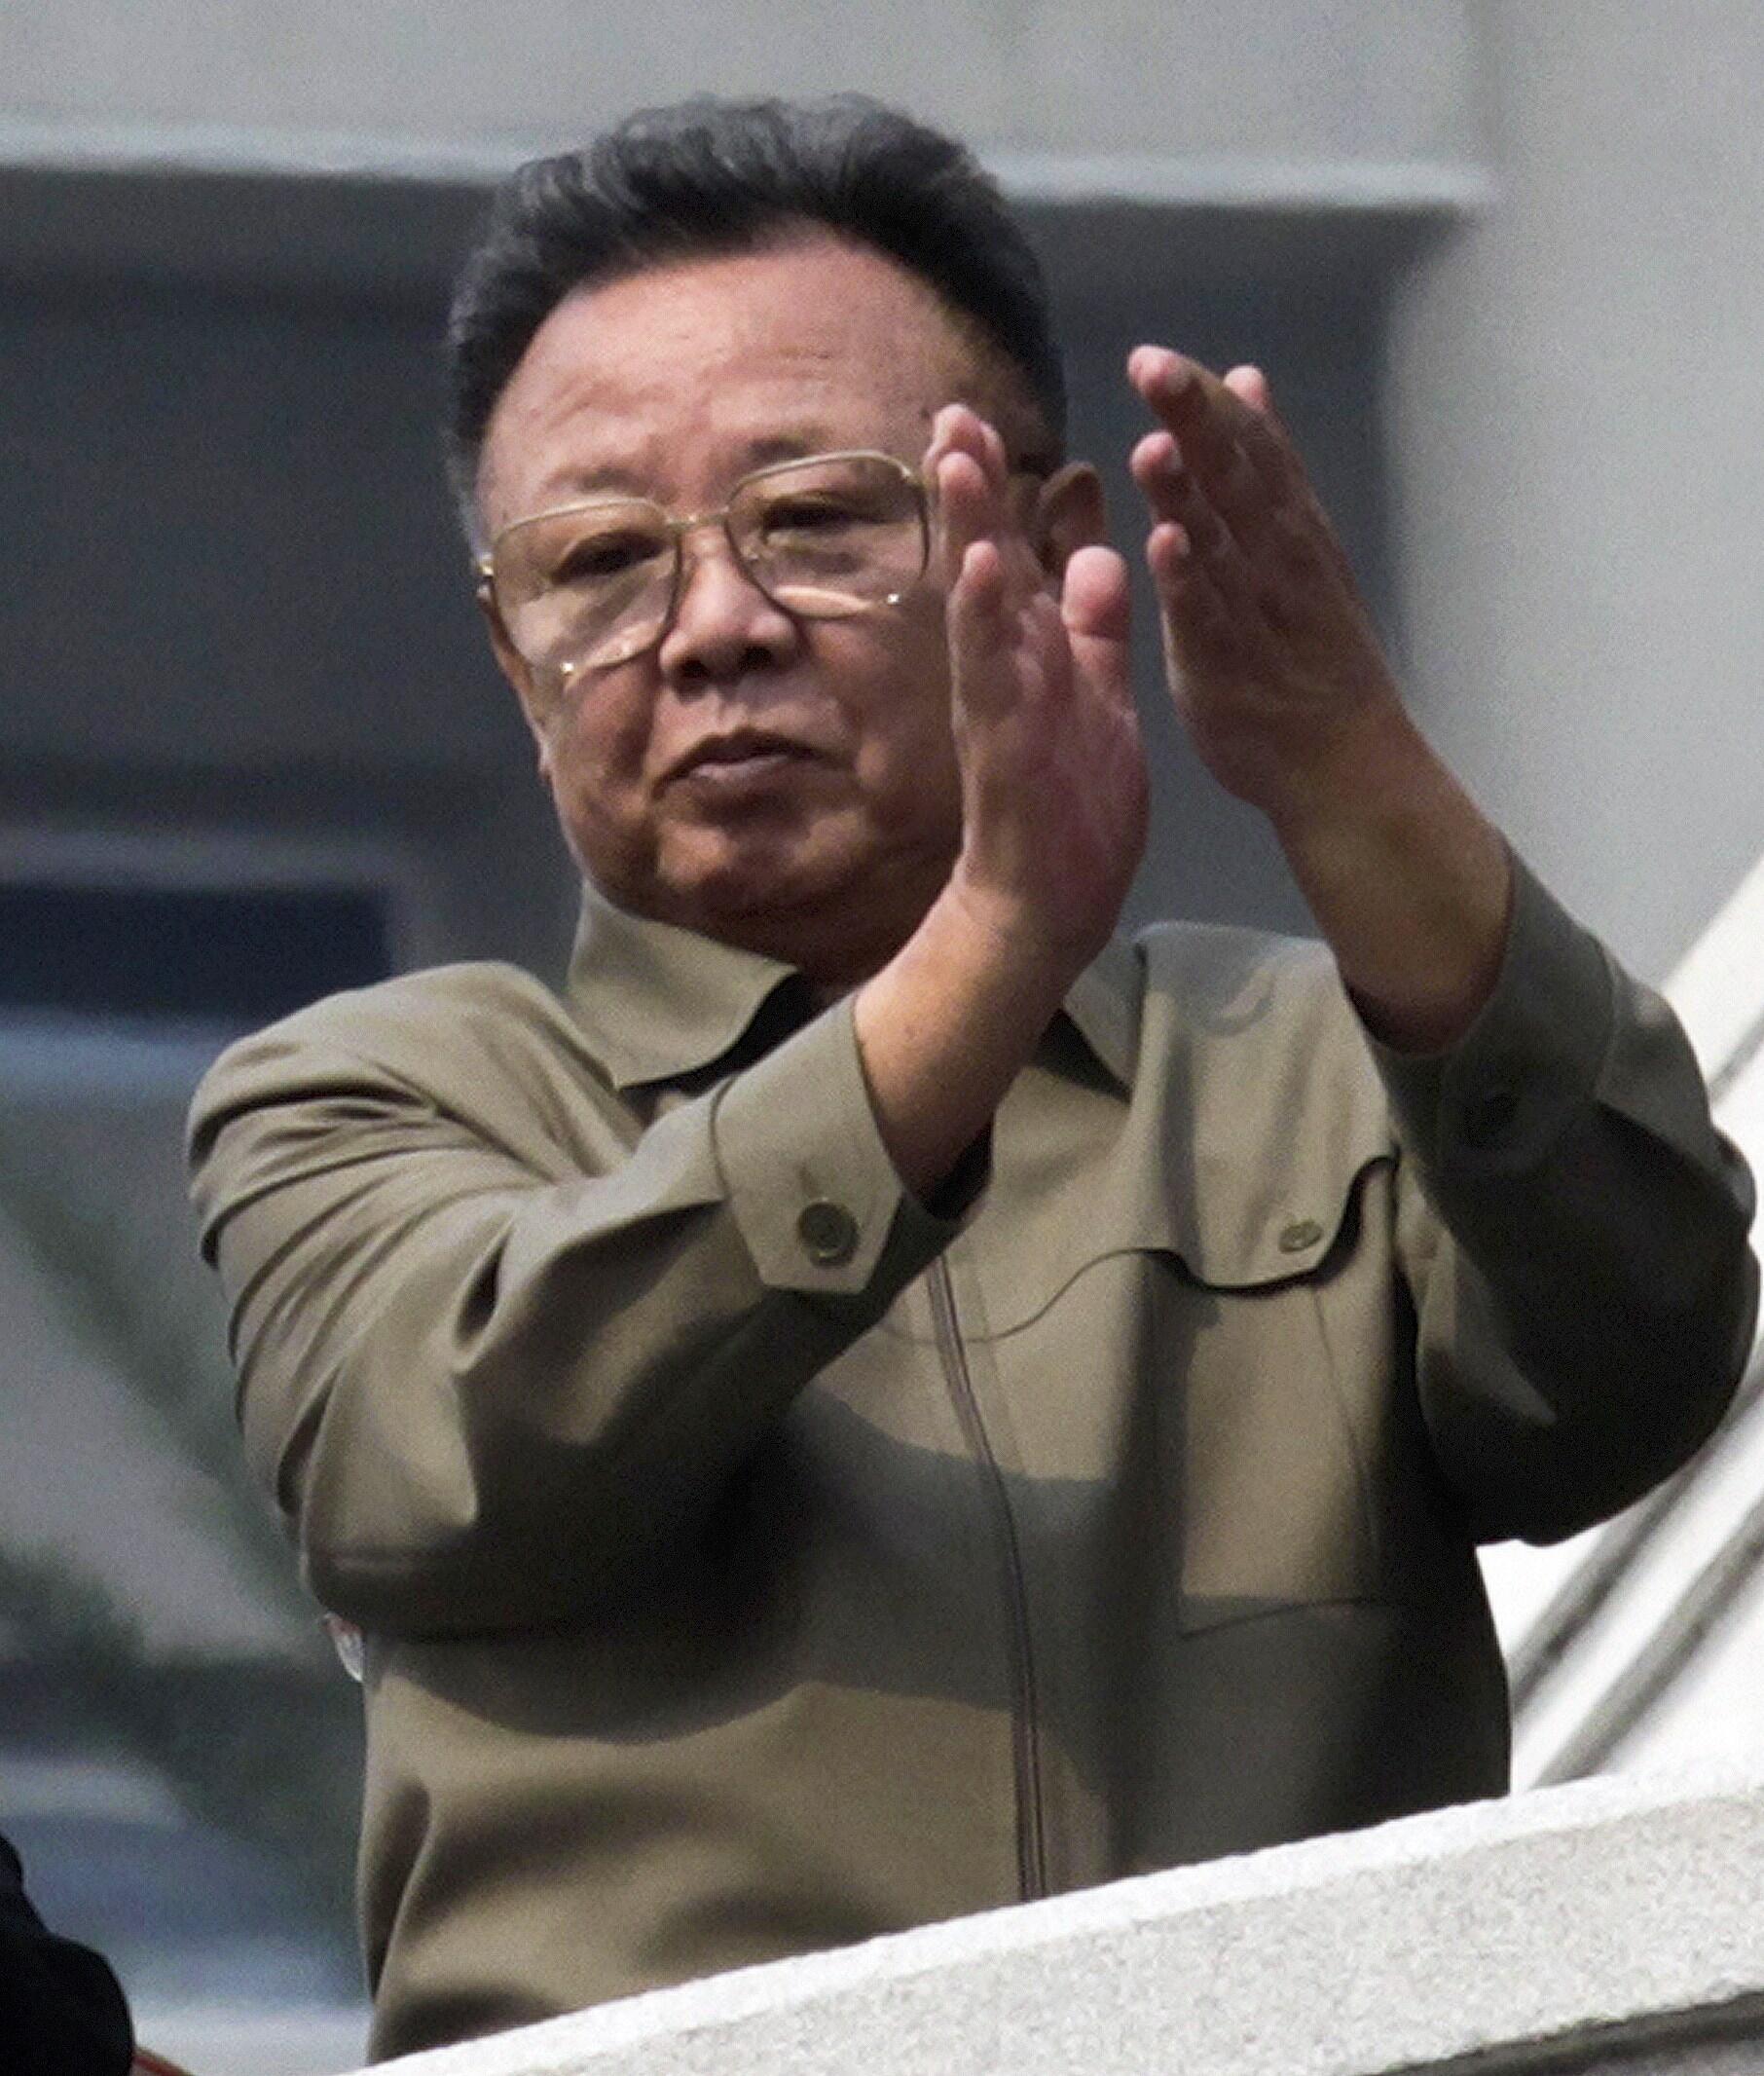 Em telegrama, a China teria afirmado que não seria capaz de sustentar o regime norte-coreano após a morte de Kim Jong-il (foto)